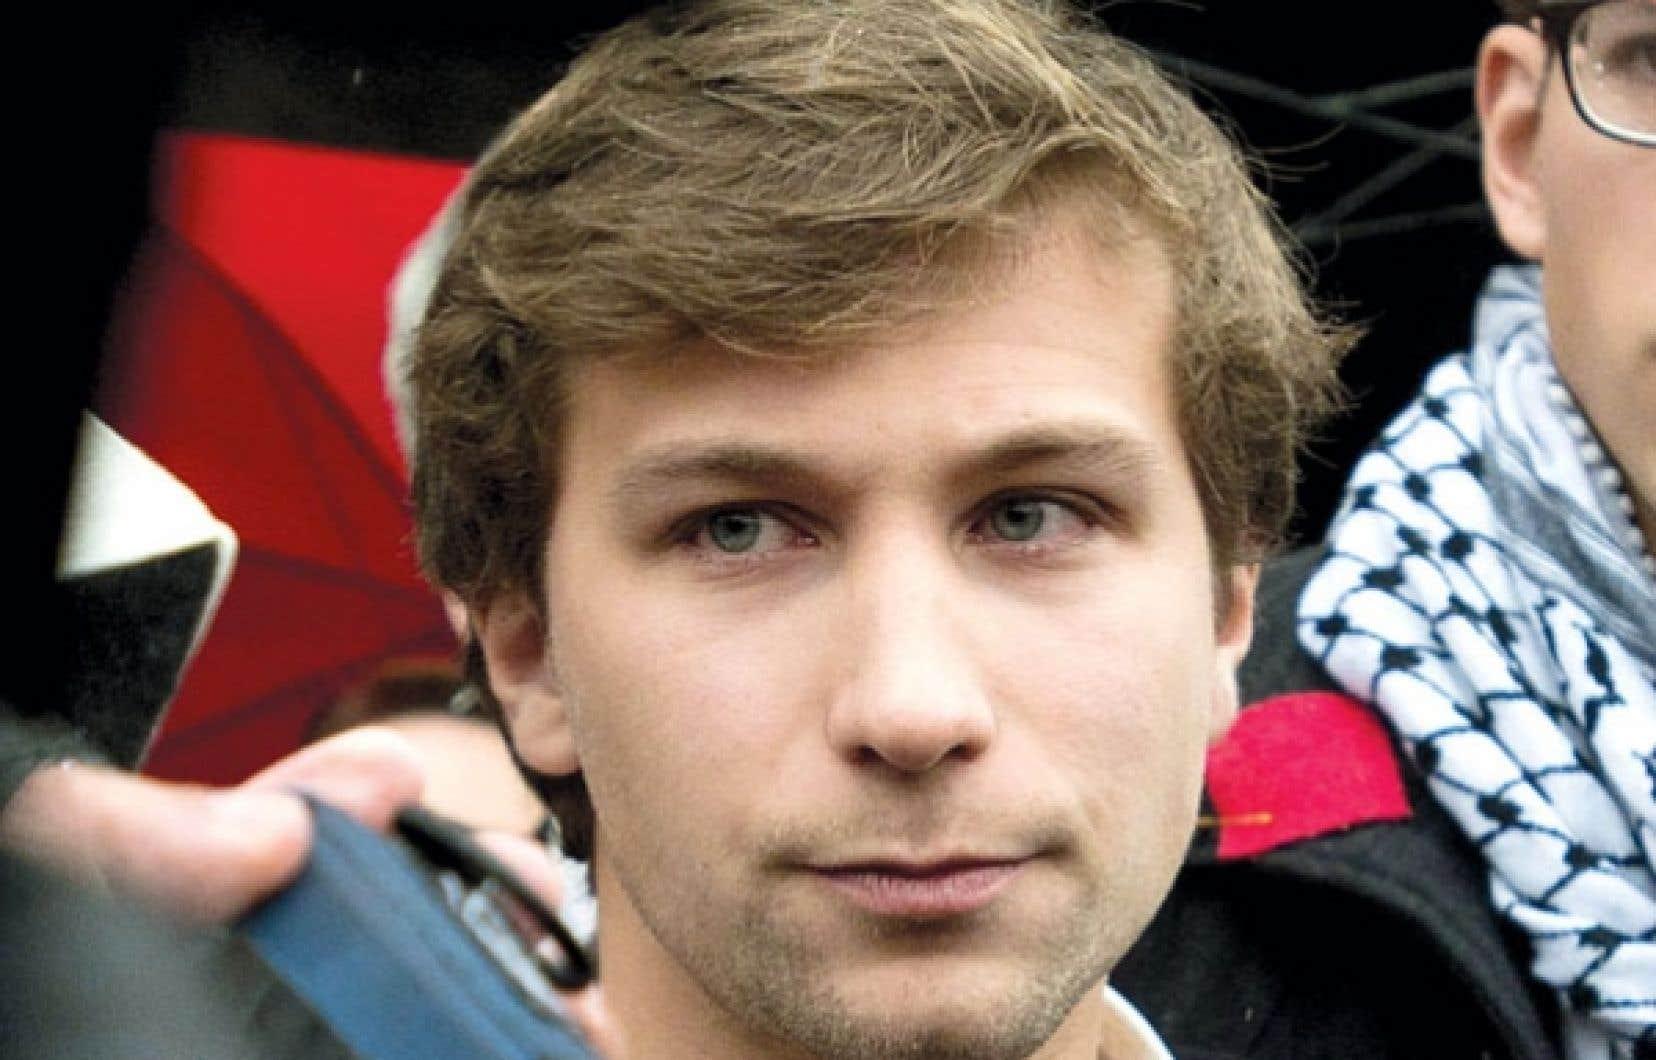 Gabriel Nadeau-Dubois s'adresse aux journalistes après une rencontre avec son avocat le 2 novembre. La veille, l'ex-leader de la CLASSE avait été reconnu coupable d'outrage au tribunal pour des propos tenus dans le cadre du conflit étudiant.